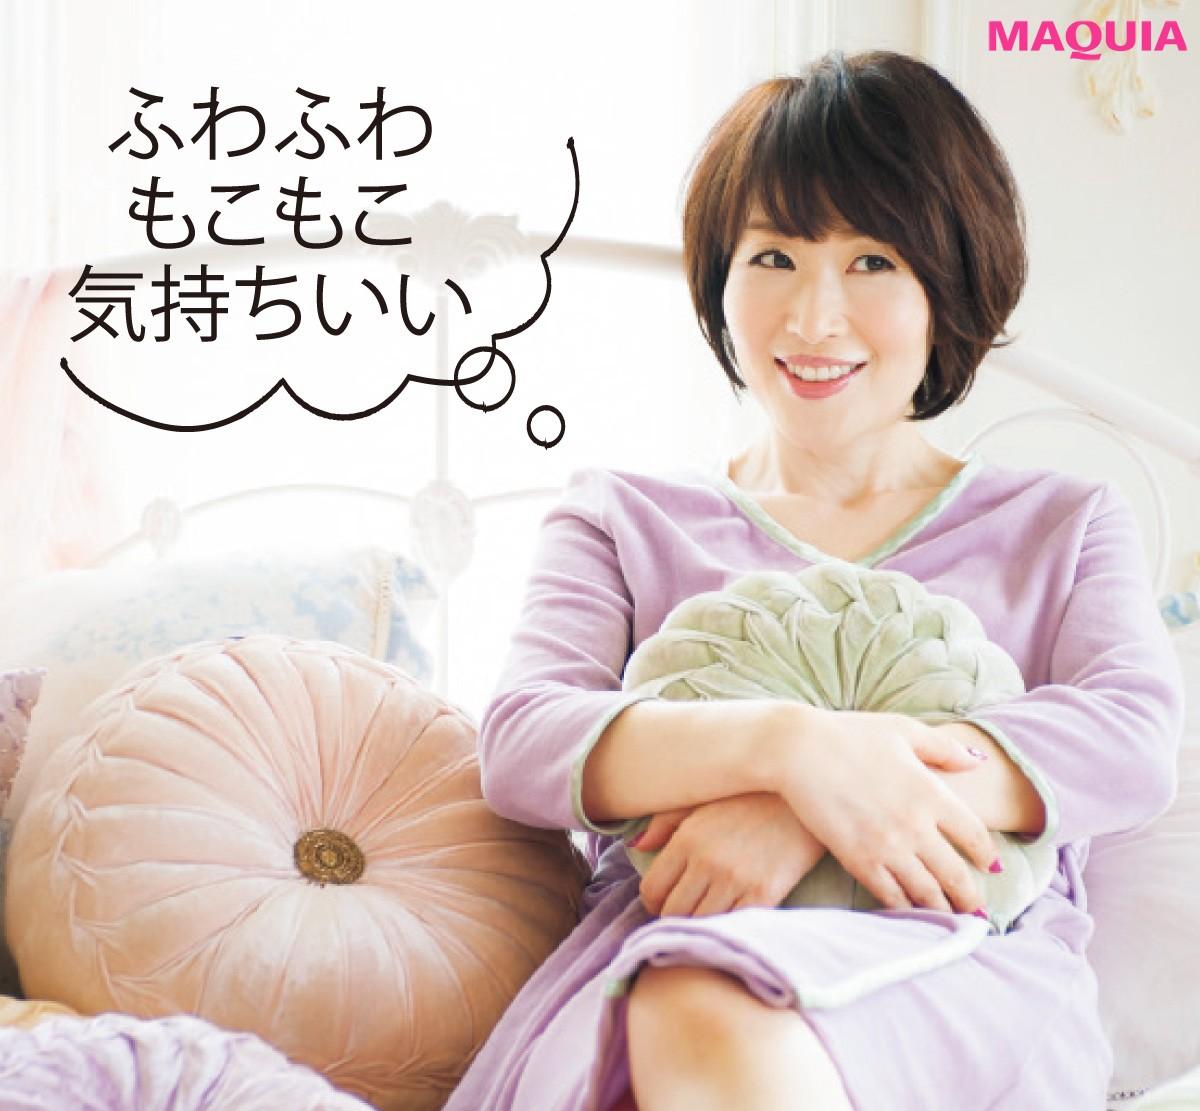 肌&心がダウンしたときは甘やかす!小林ひろ美さんが伝授する「甘えんぼ美容」